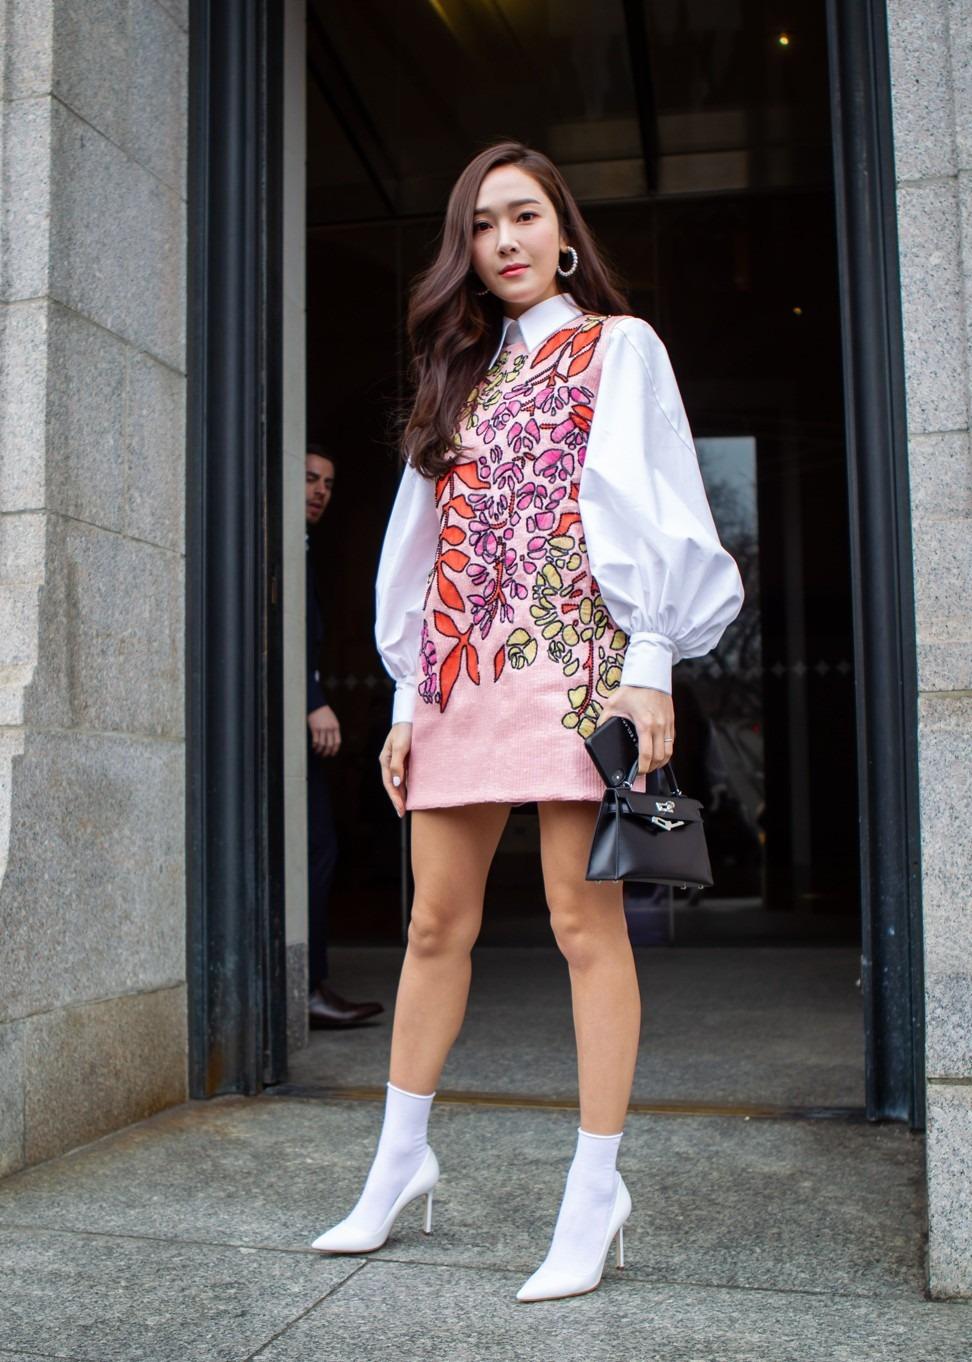 Sao Hàn Jessica Jung mặc đầm hoa tay phồng, mang bốt trắng, xách túi HERMÈS